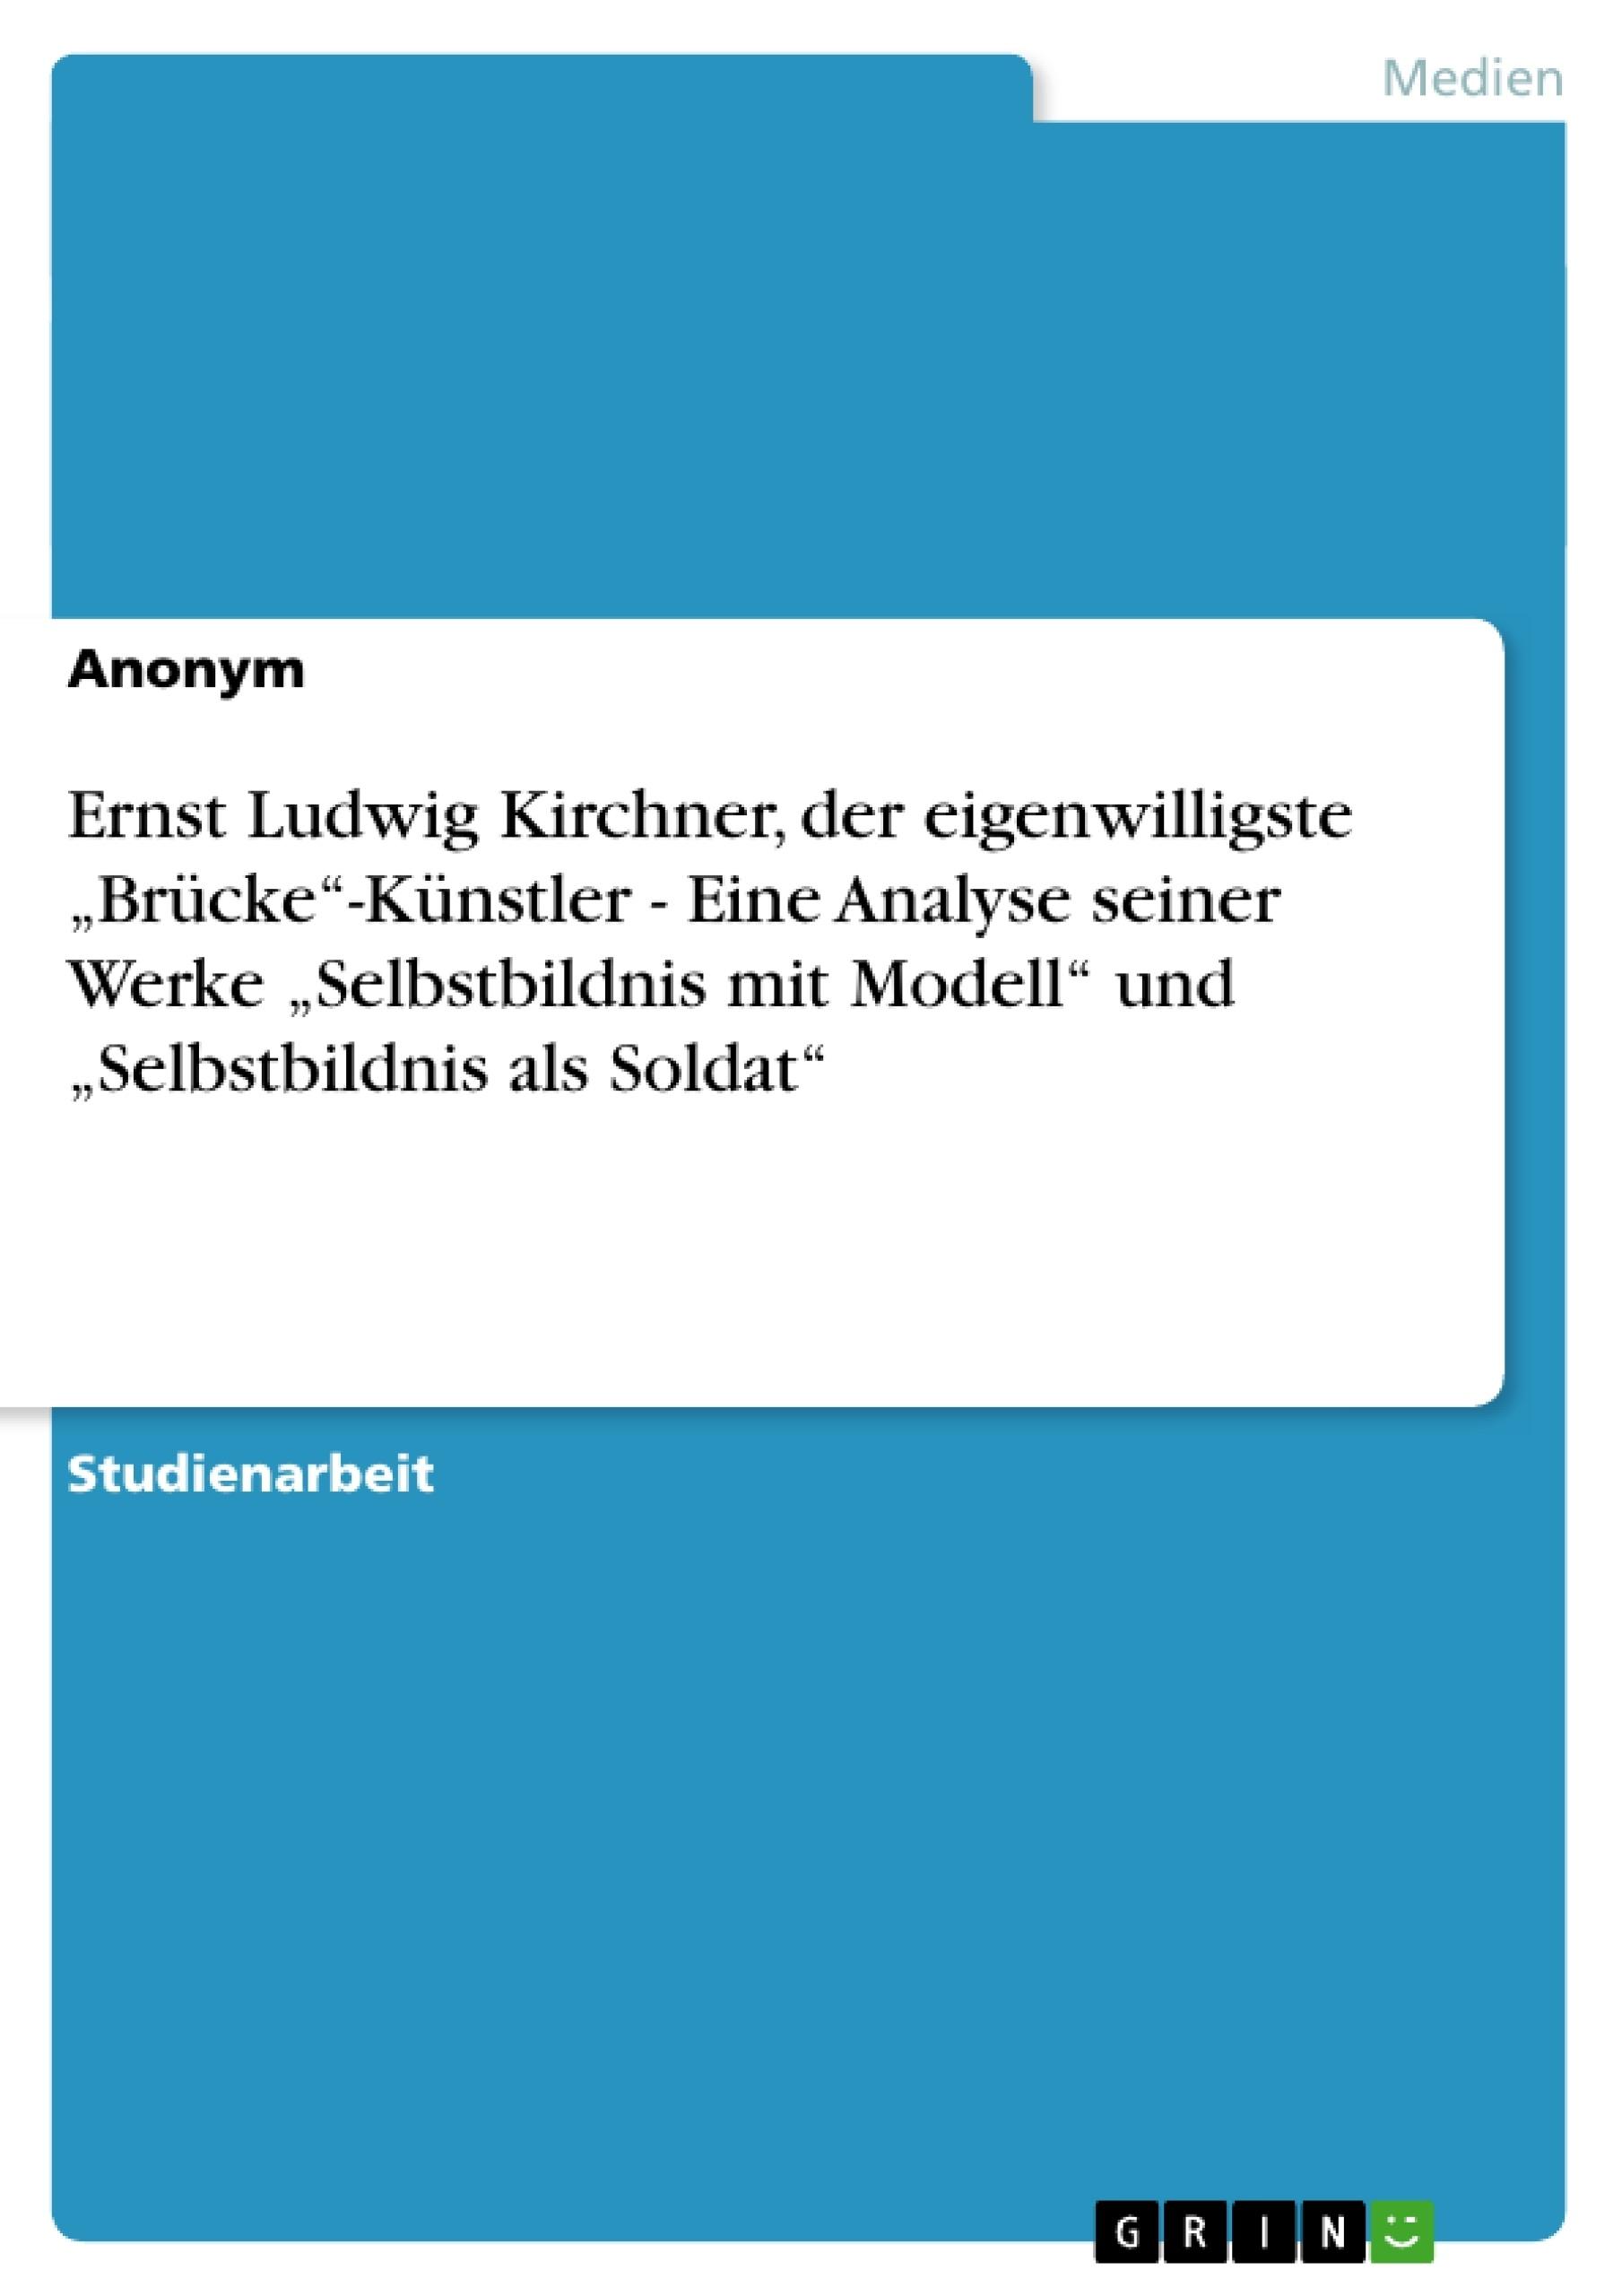 """Titel: Ernst Ludwig Kirchner, der eigenwilligste """"Brücke""""-Künstler - Eine Analyse seiner Werke """"Selbstbildnis mit Modell"""" und """"Selbstbildnis als Soldat"""""""